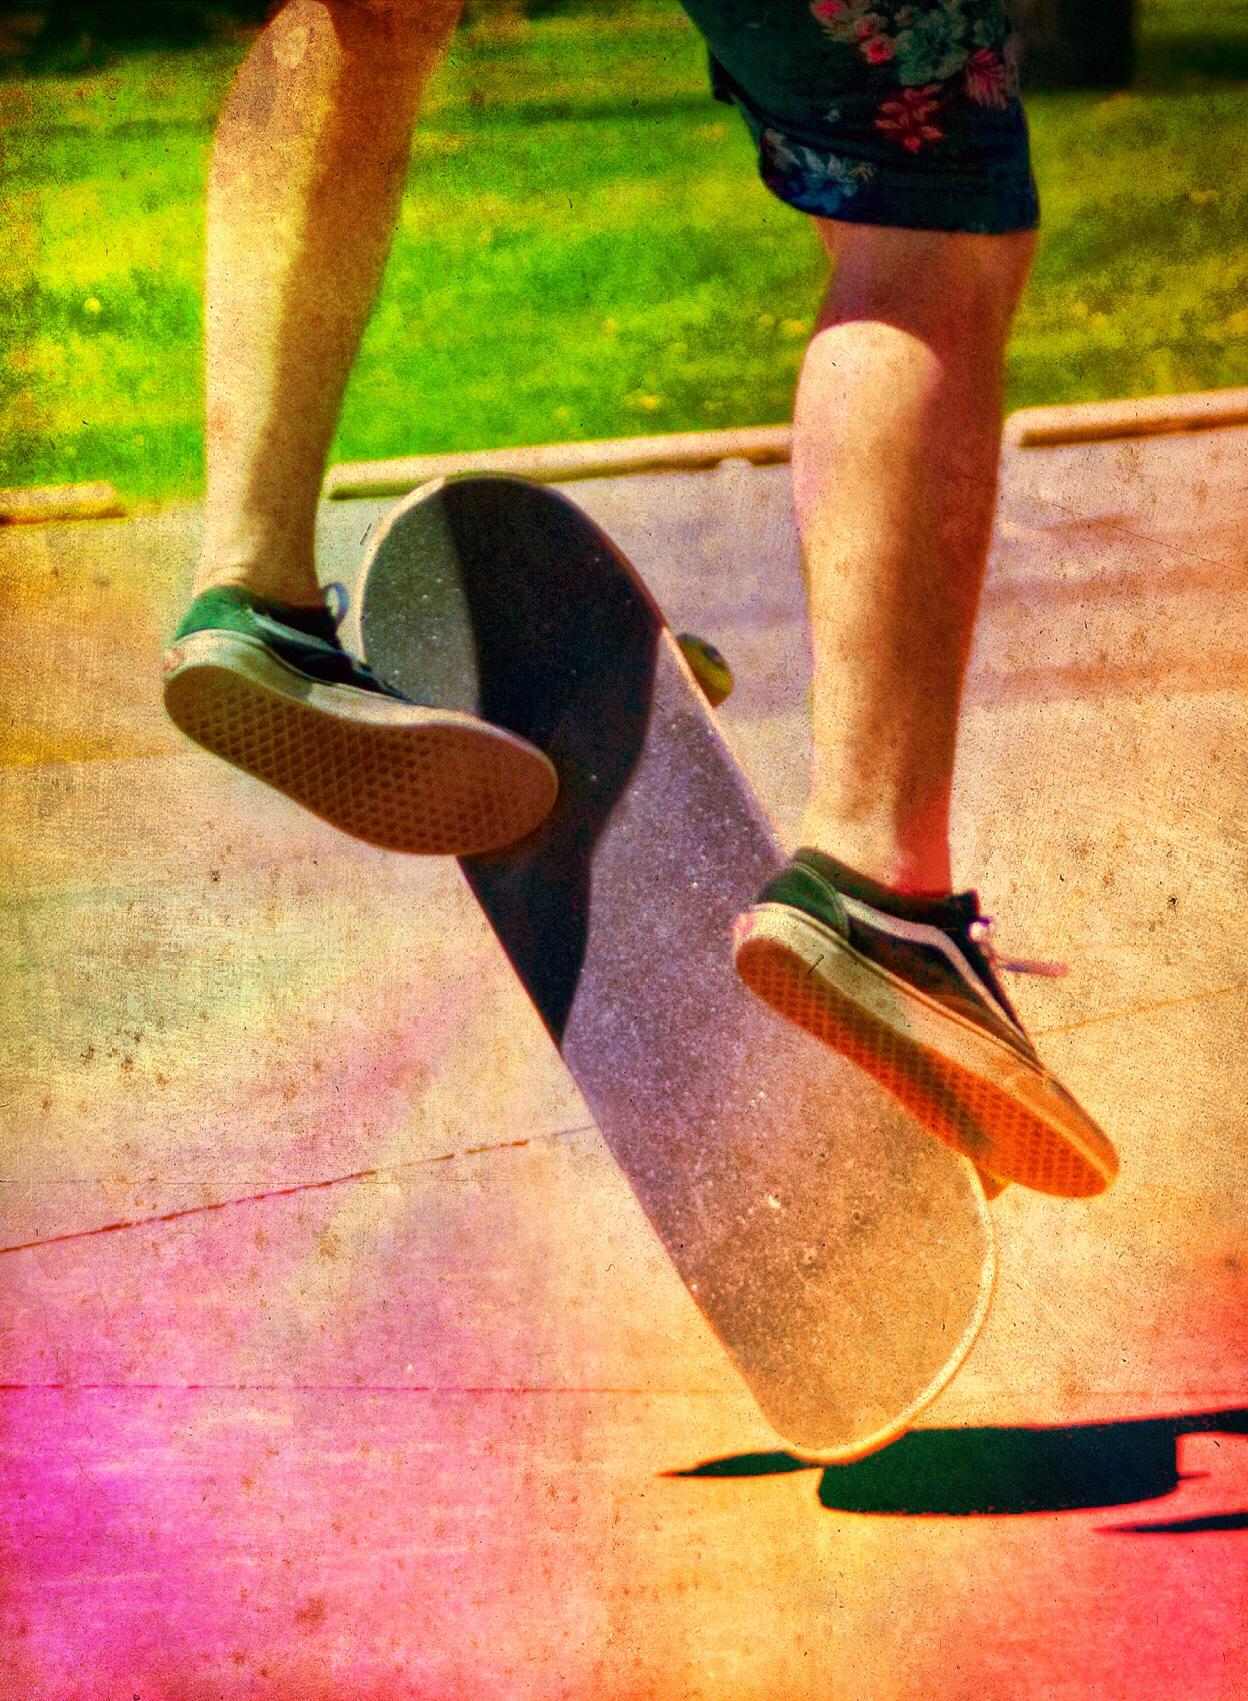 Retro Skateboard Shoot by Randy J Smith Photography